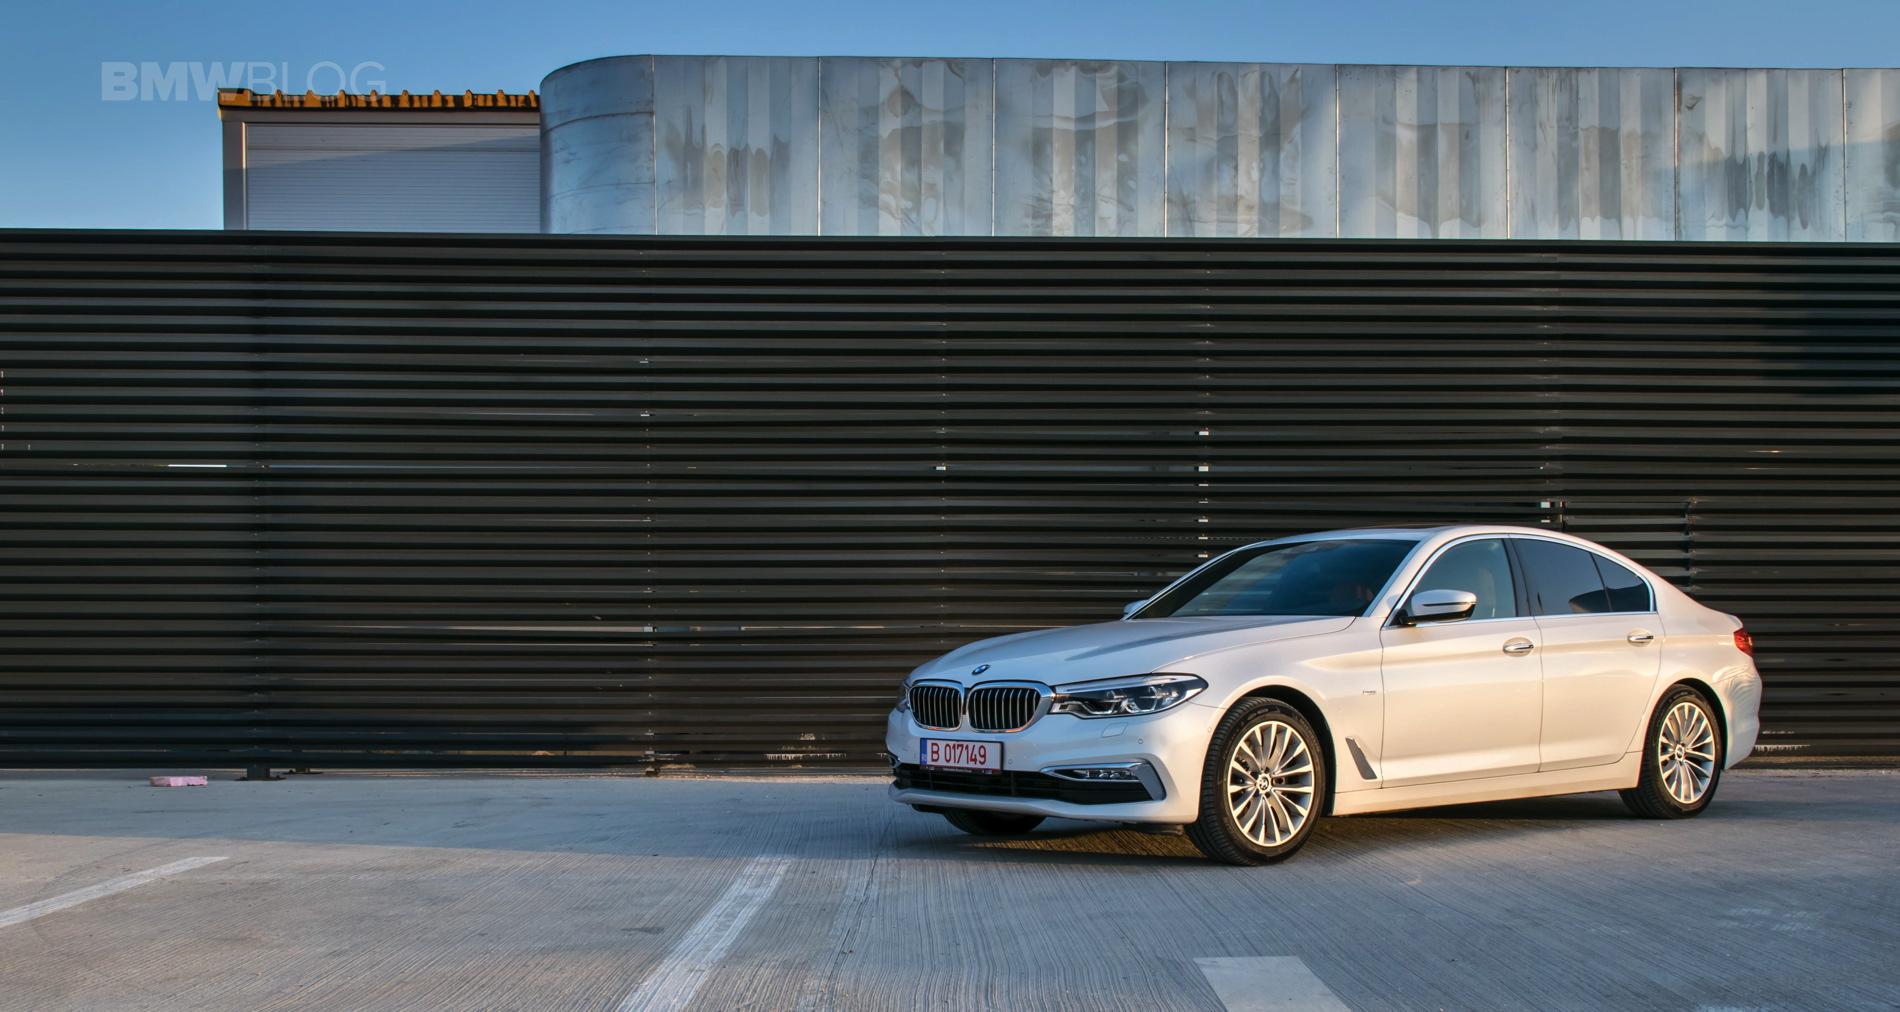 2017 BMW 520d Sedan test drive 32